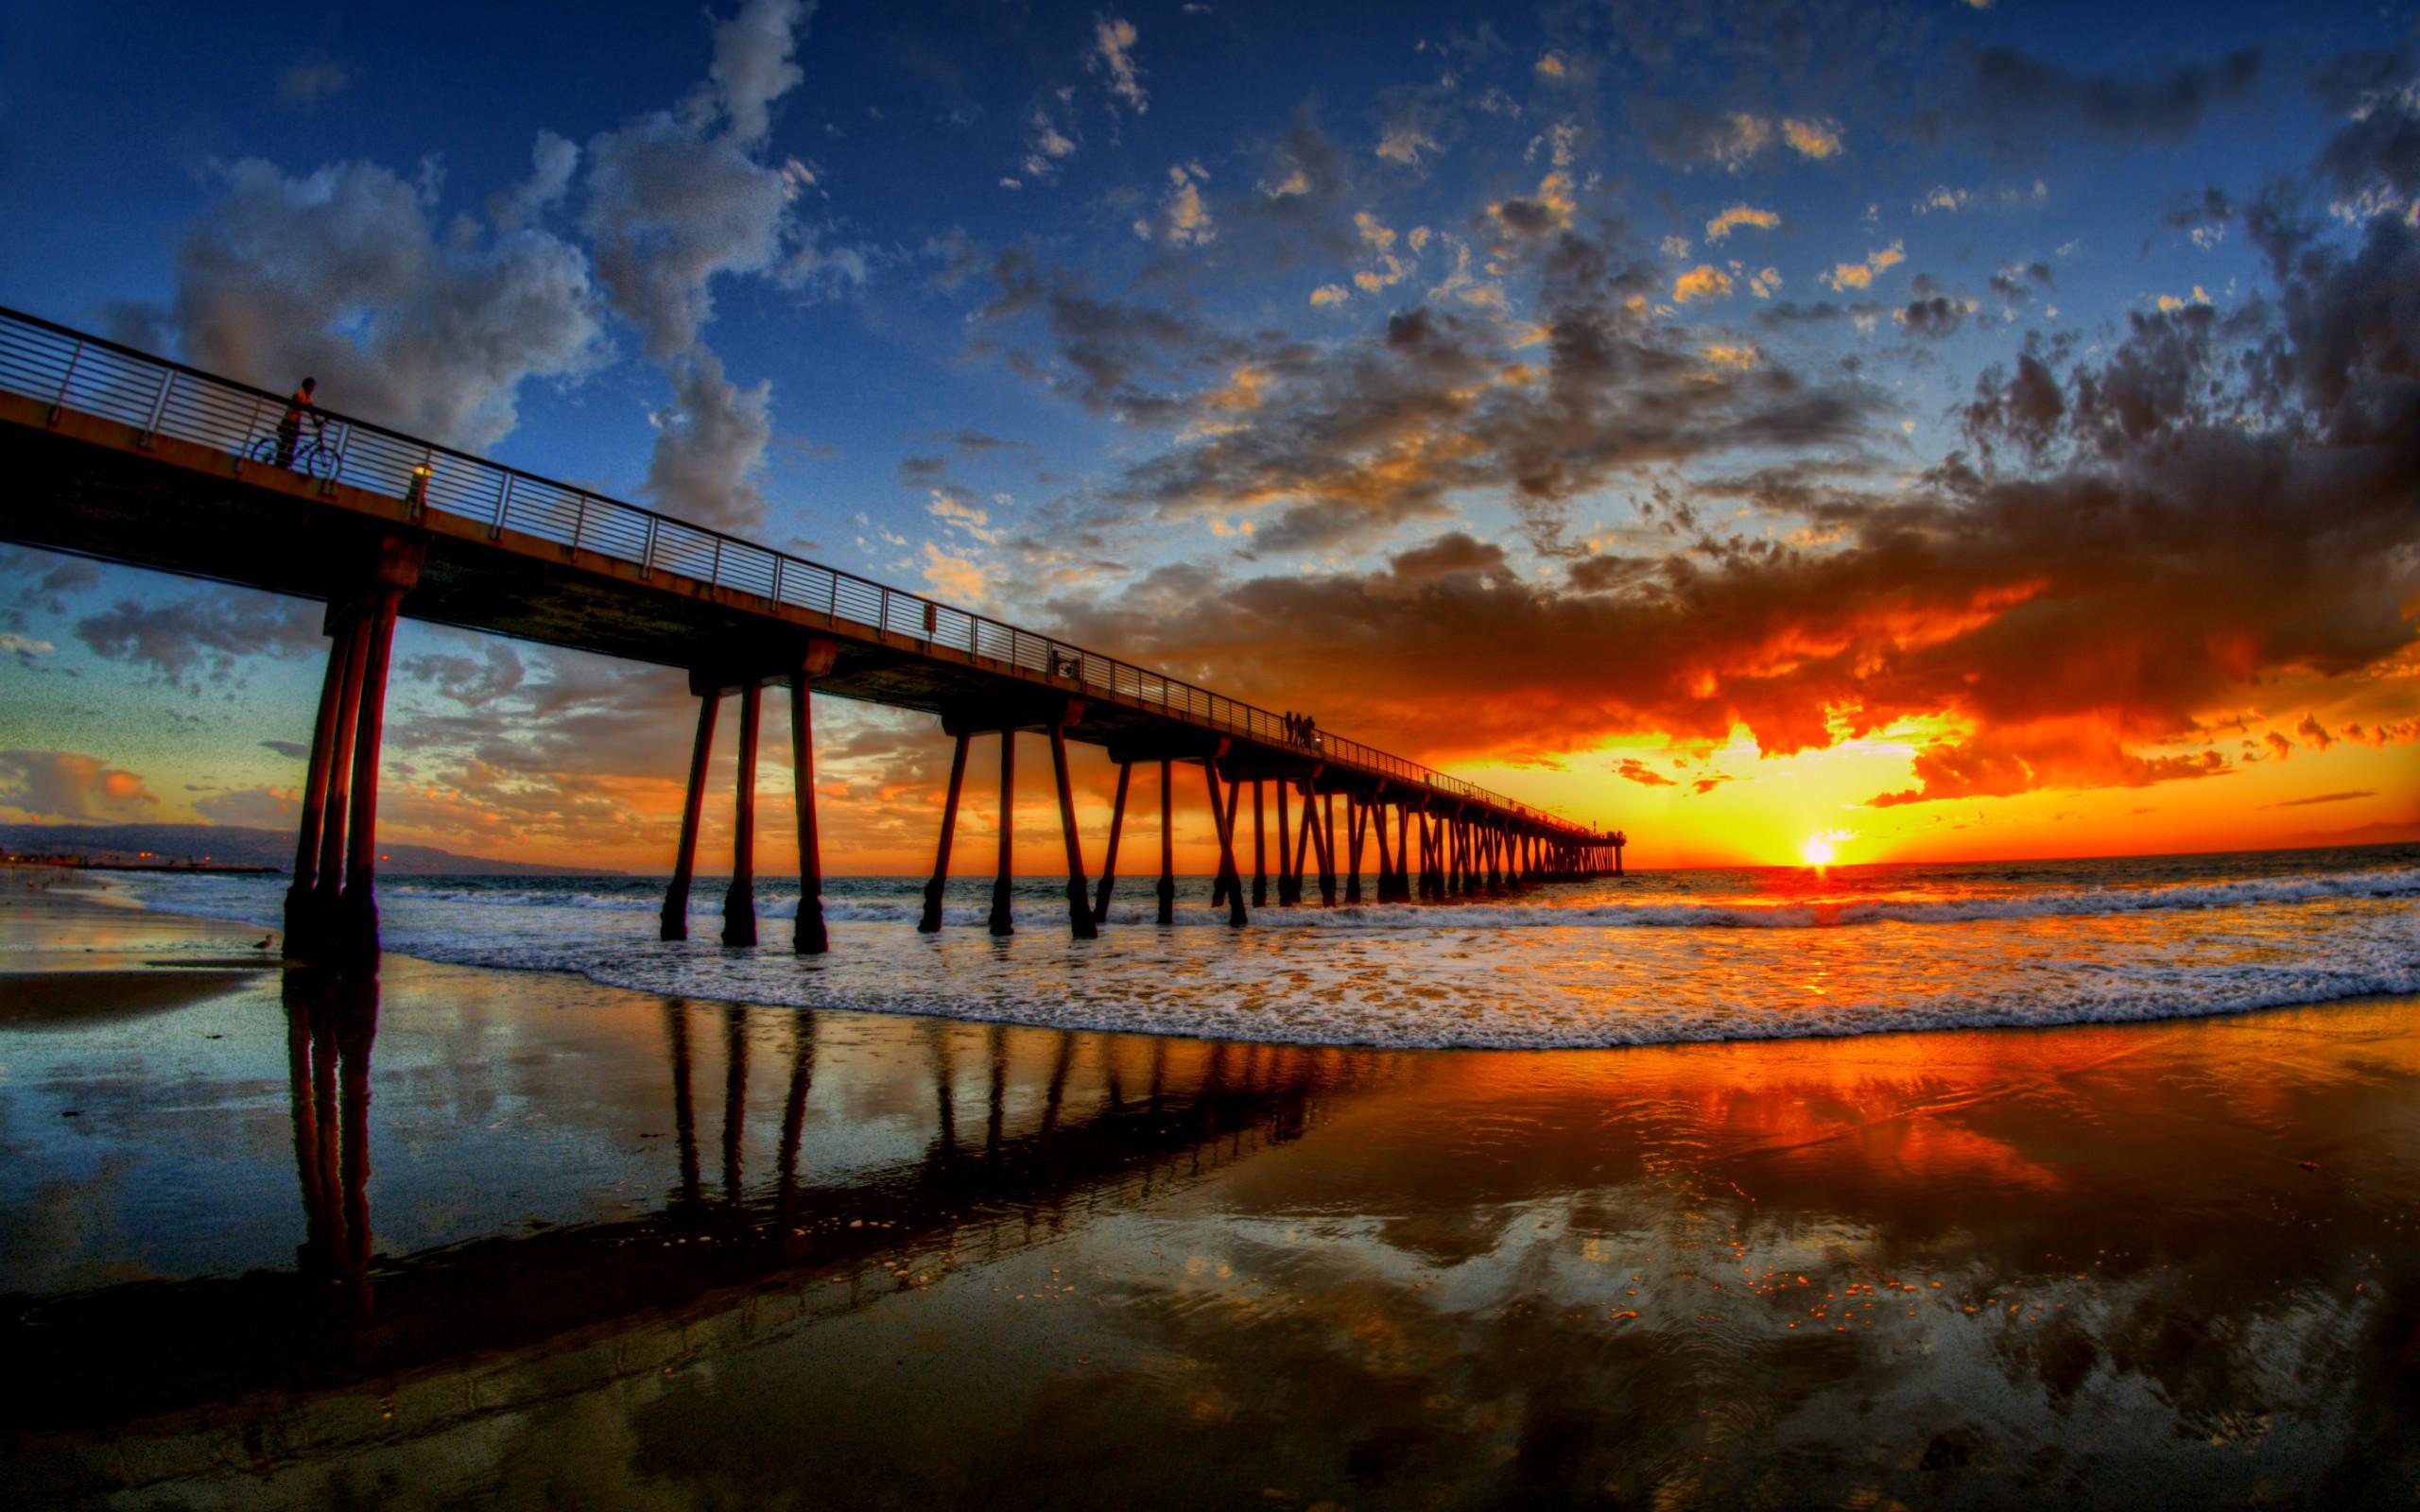 Dream Summer Beautiful Sunset Desktop Backgrounds 2560x1600 Download Hd Wallpaper Wallpapertip